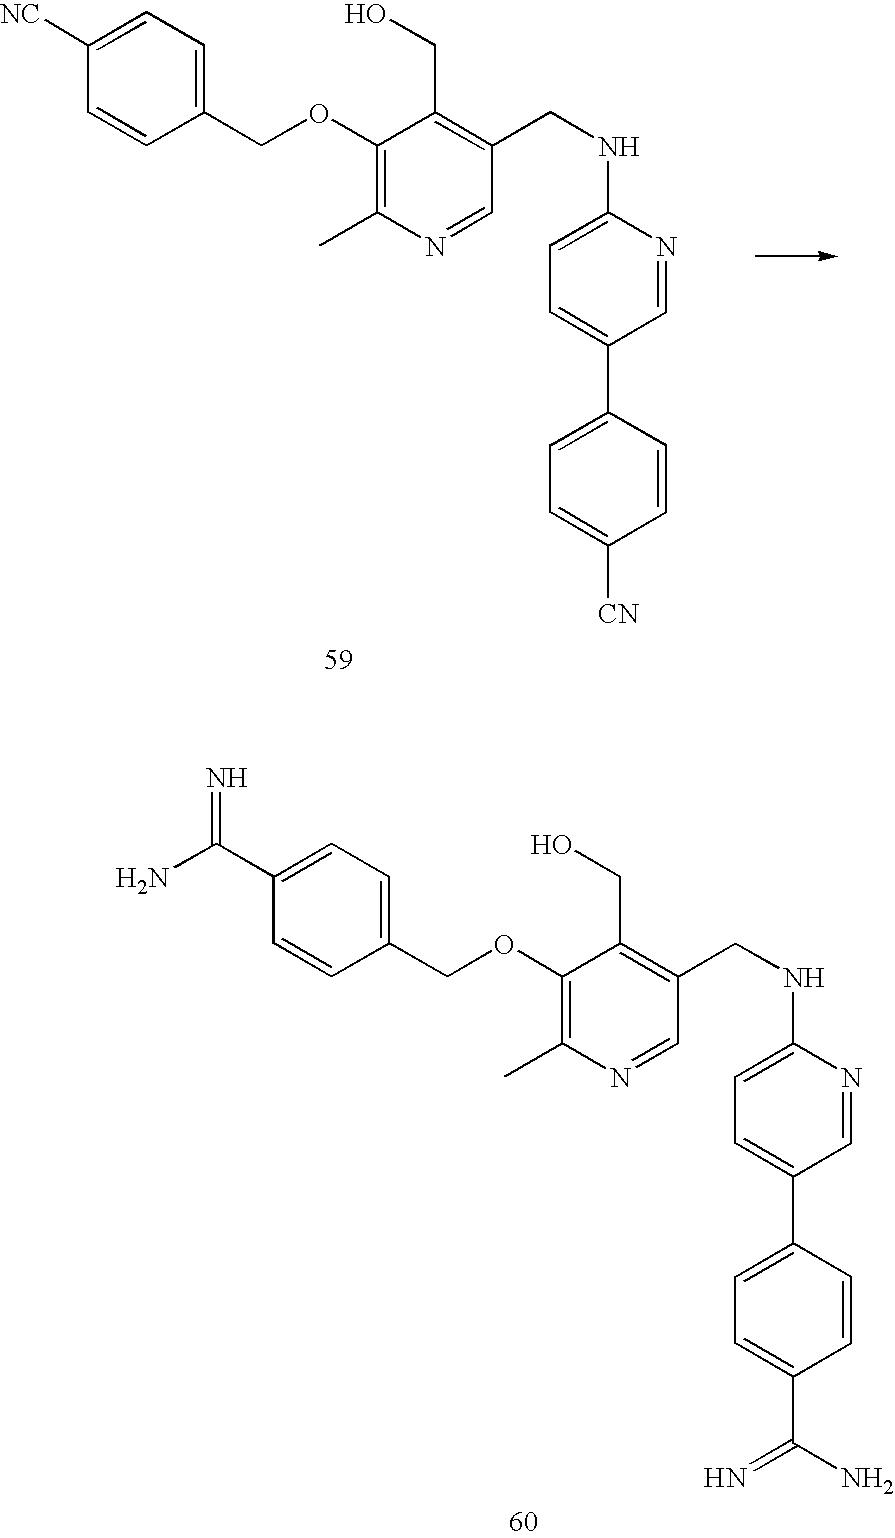 Figure US20060094761A1-20060504-C00088